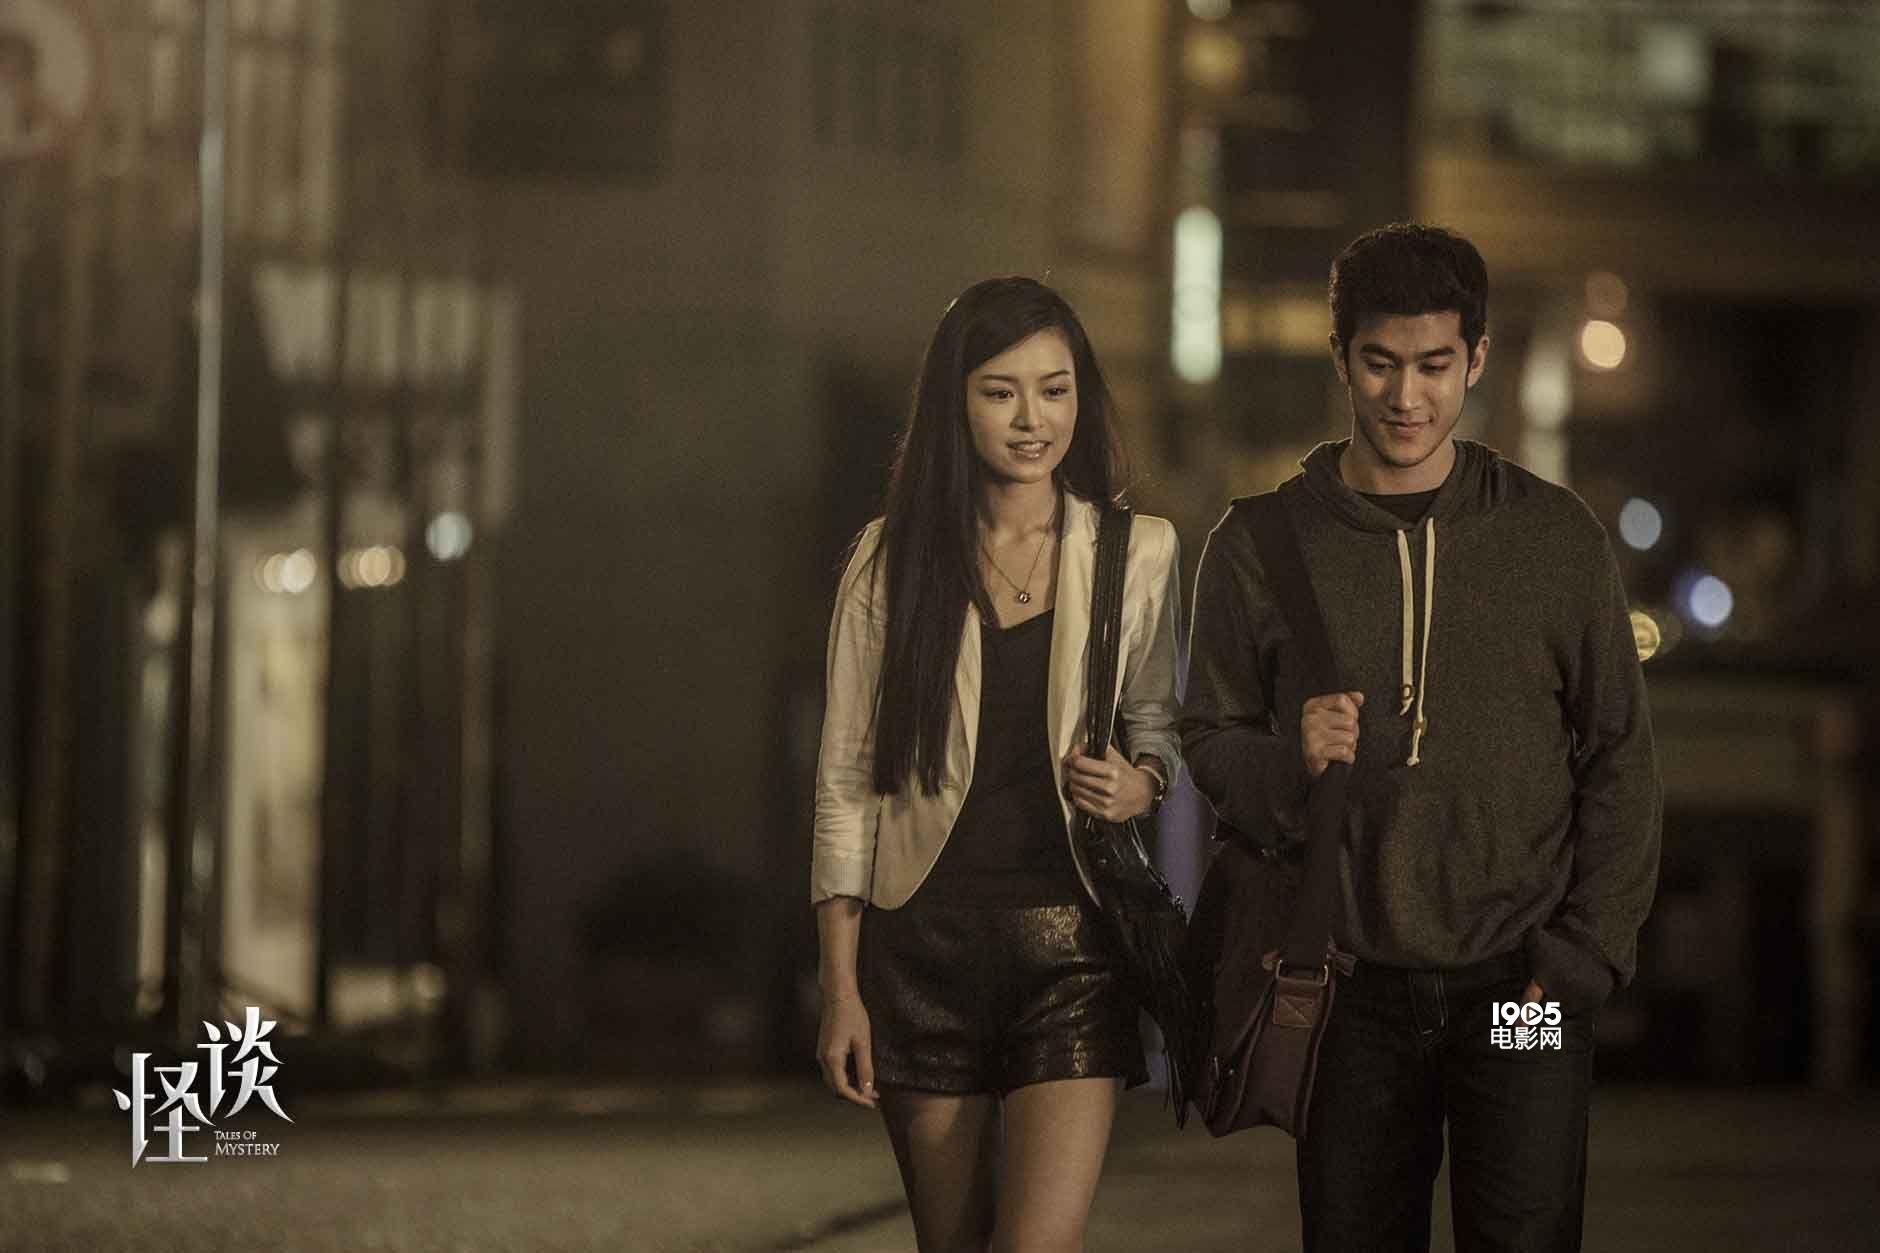 台湾怪谈电影有声音的 台湾怪谈六部全集